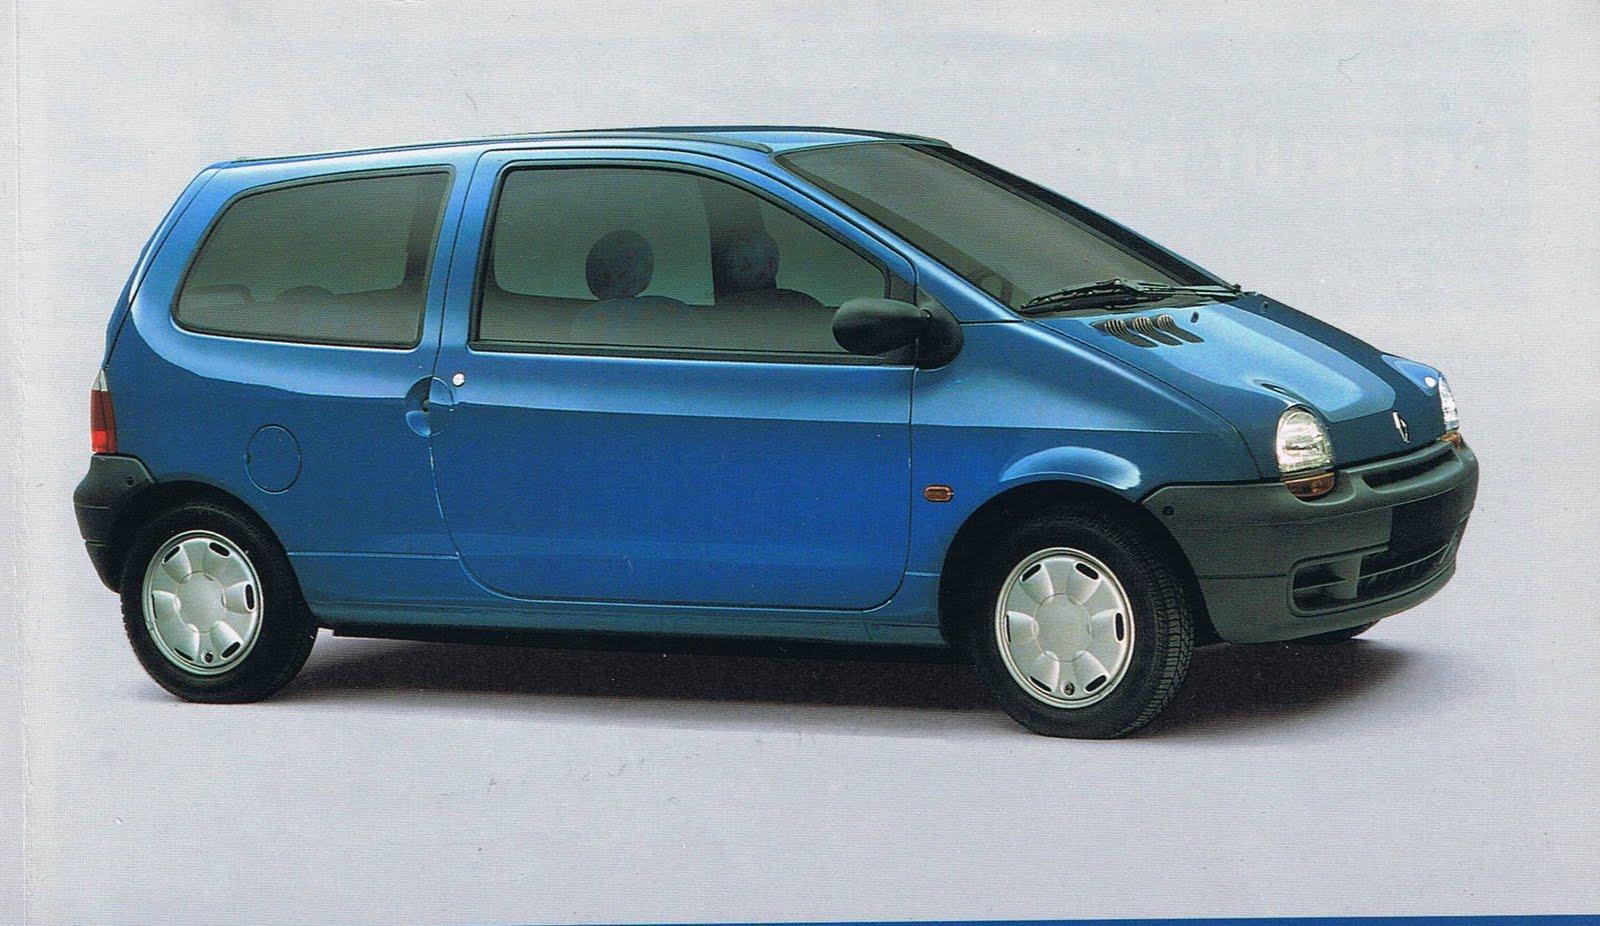 Renault Twingo manual de usuario (571857)